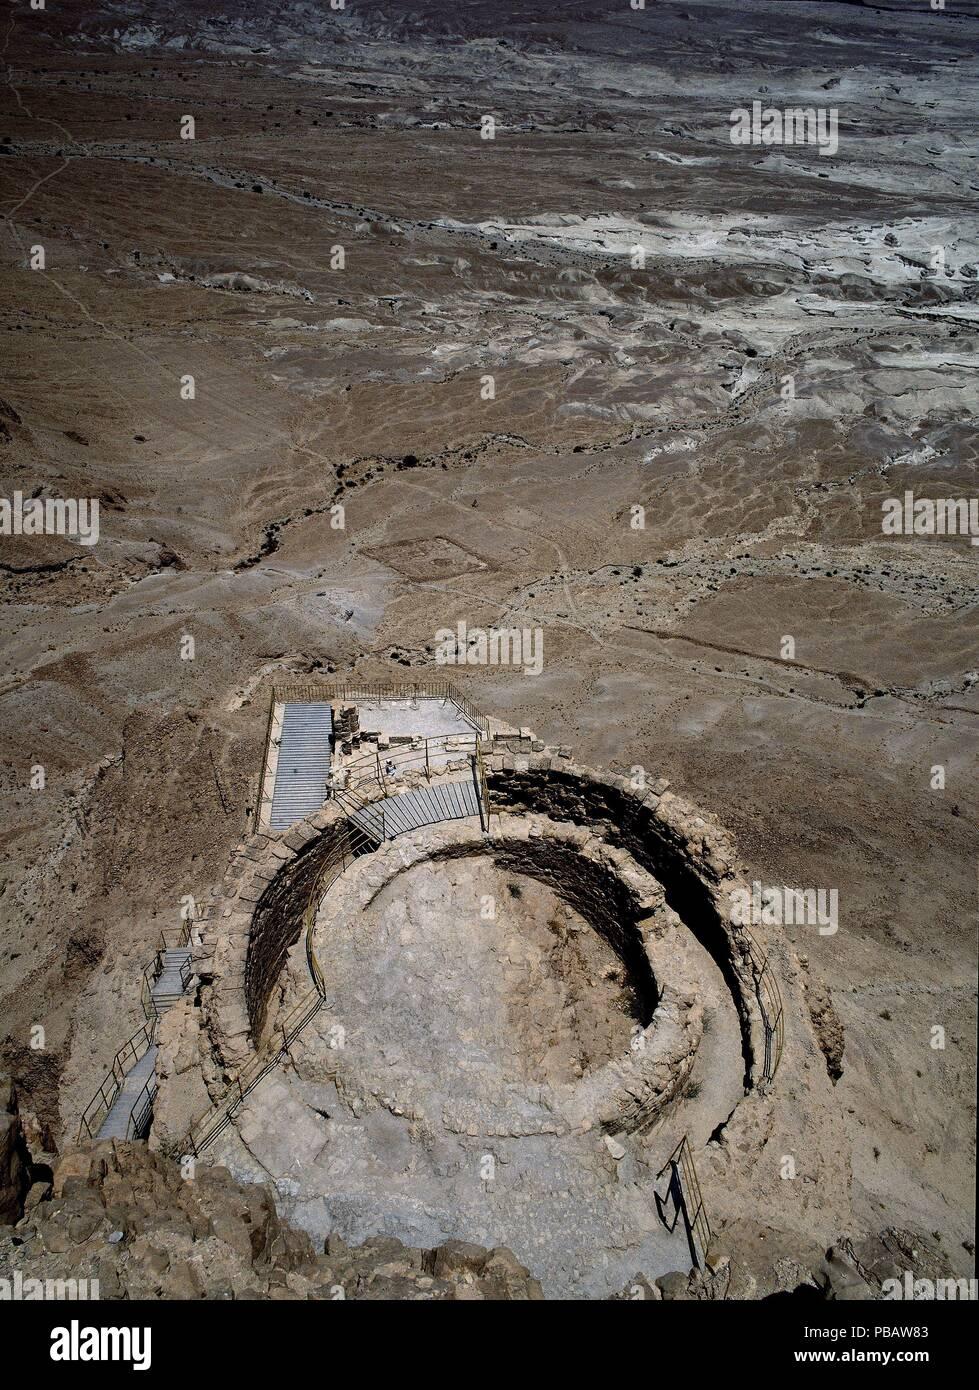 RESTOS DE TORREON EN LA MURALLA-CIUDAD FORTIFICADA EN EL AÑO 100 AC. Location: EXTERIOR, MASADA, ISRAEL. - Stock Image